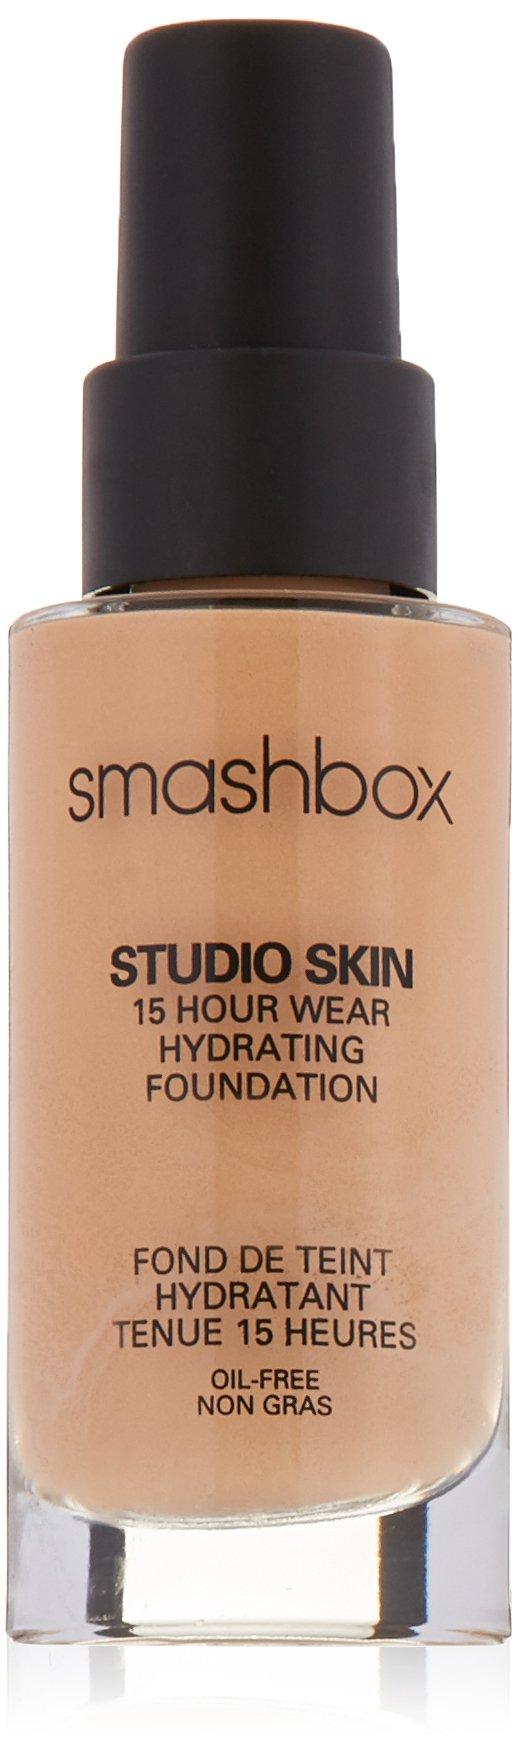 smashbox studio skin 15 hour wear foundation review